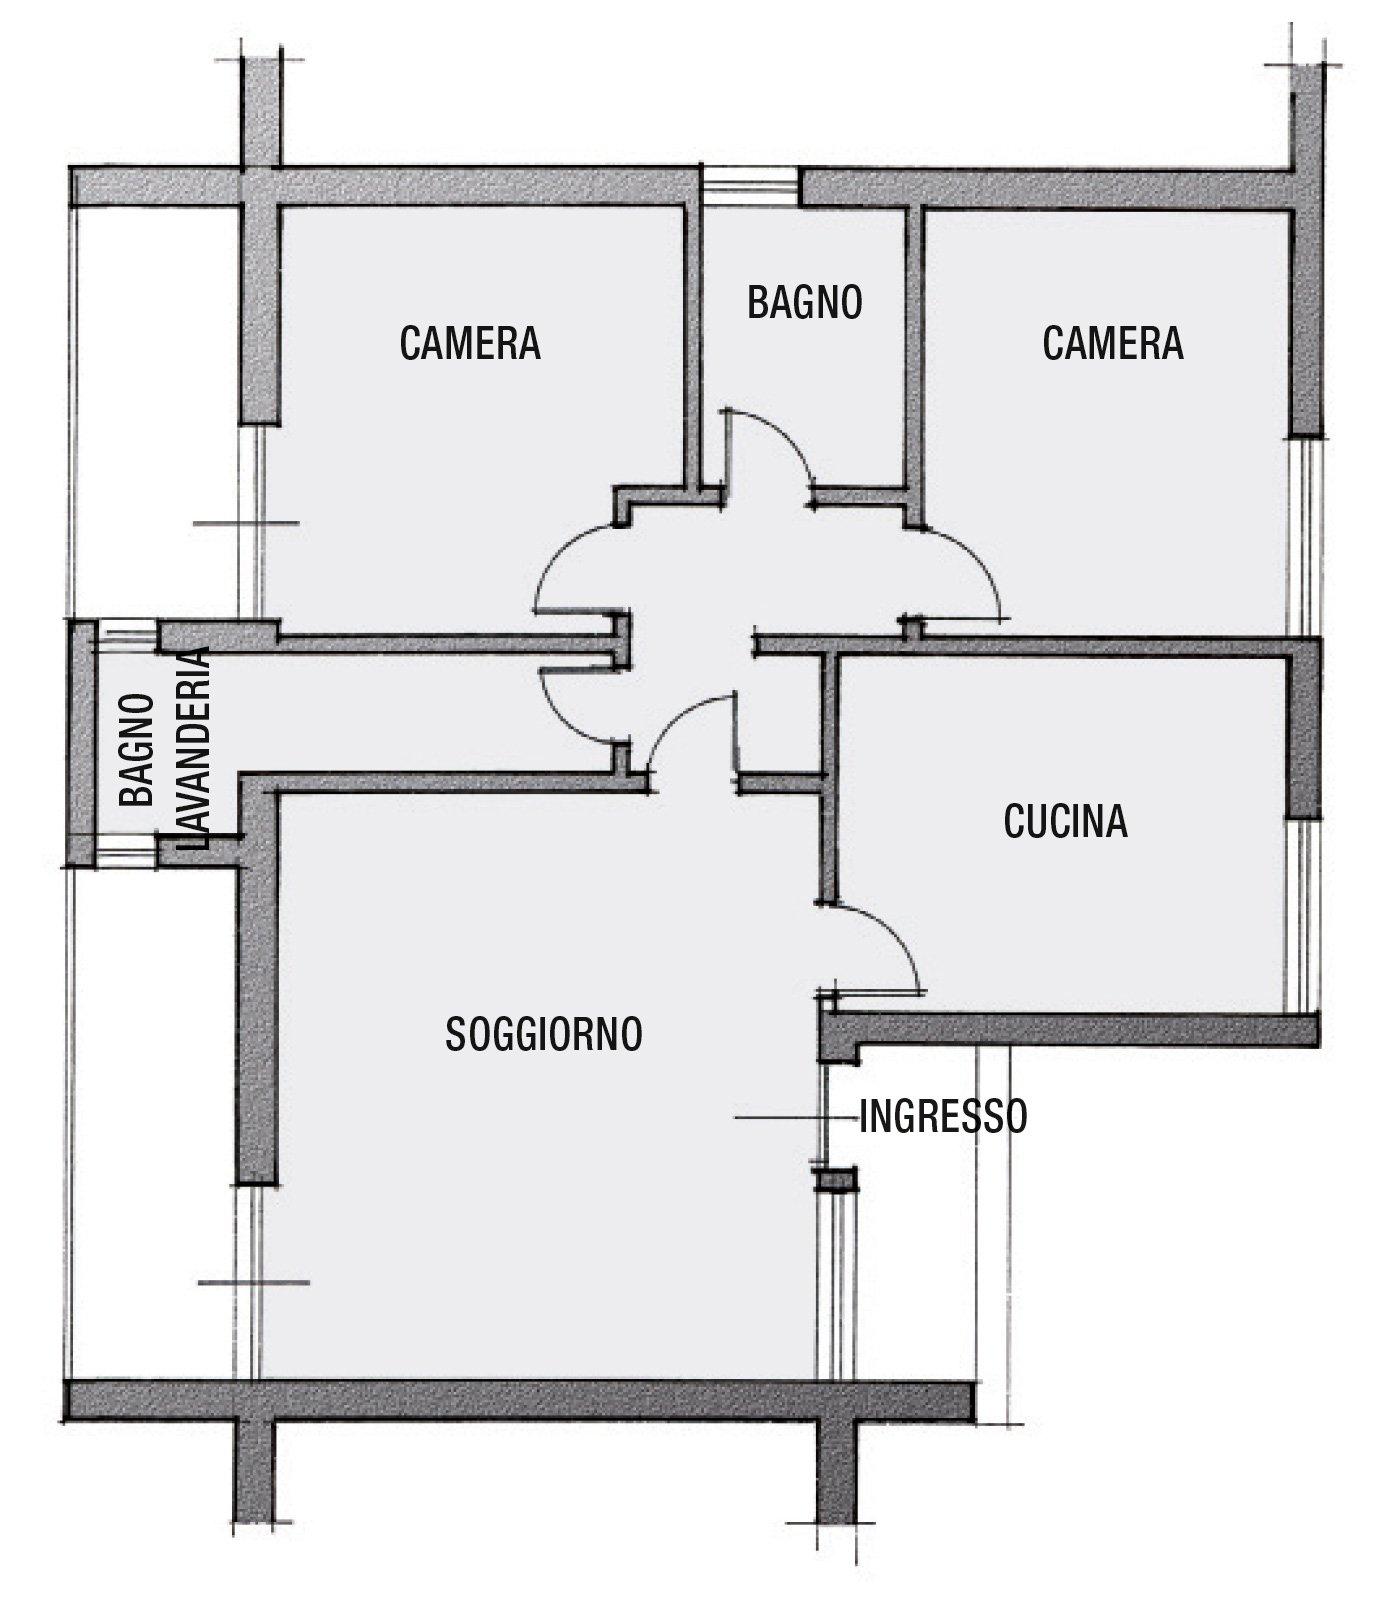 Da corridoio a bagno progetto in pianta cose di casa - Pianta bagno piccolo ...